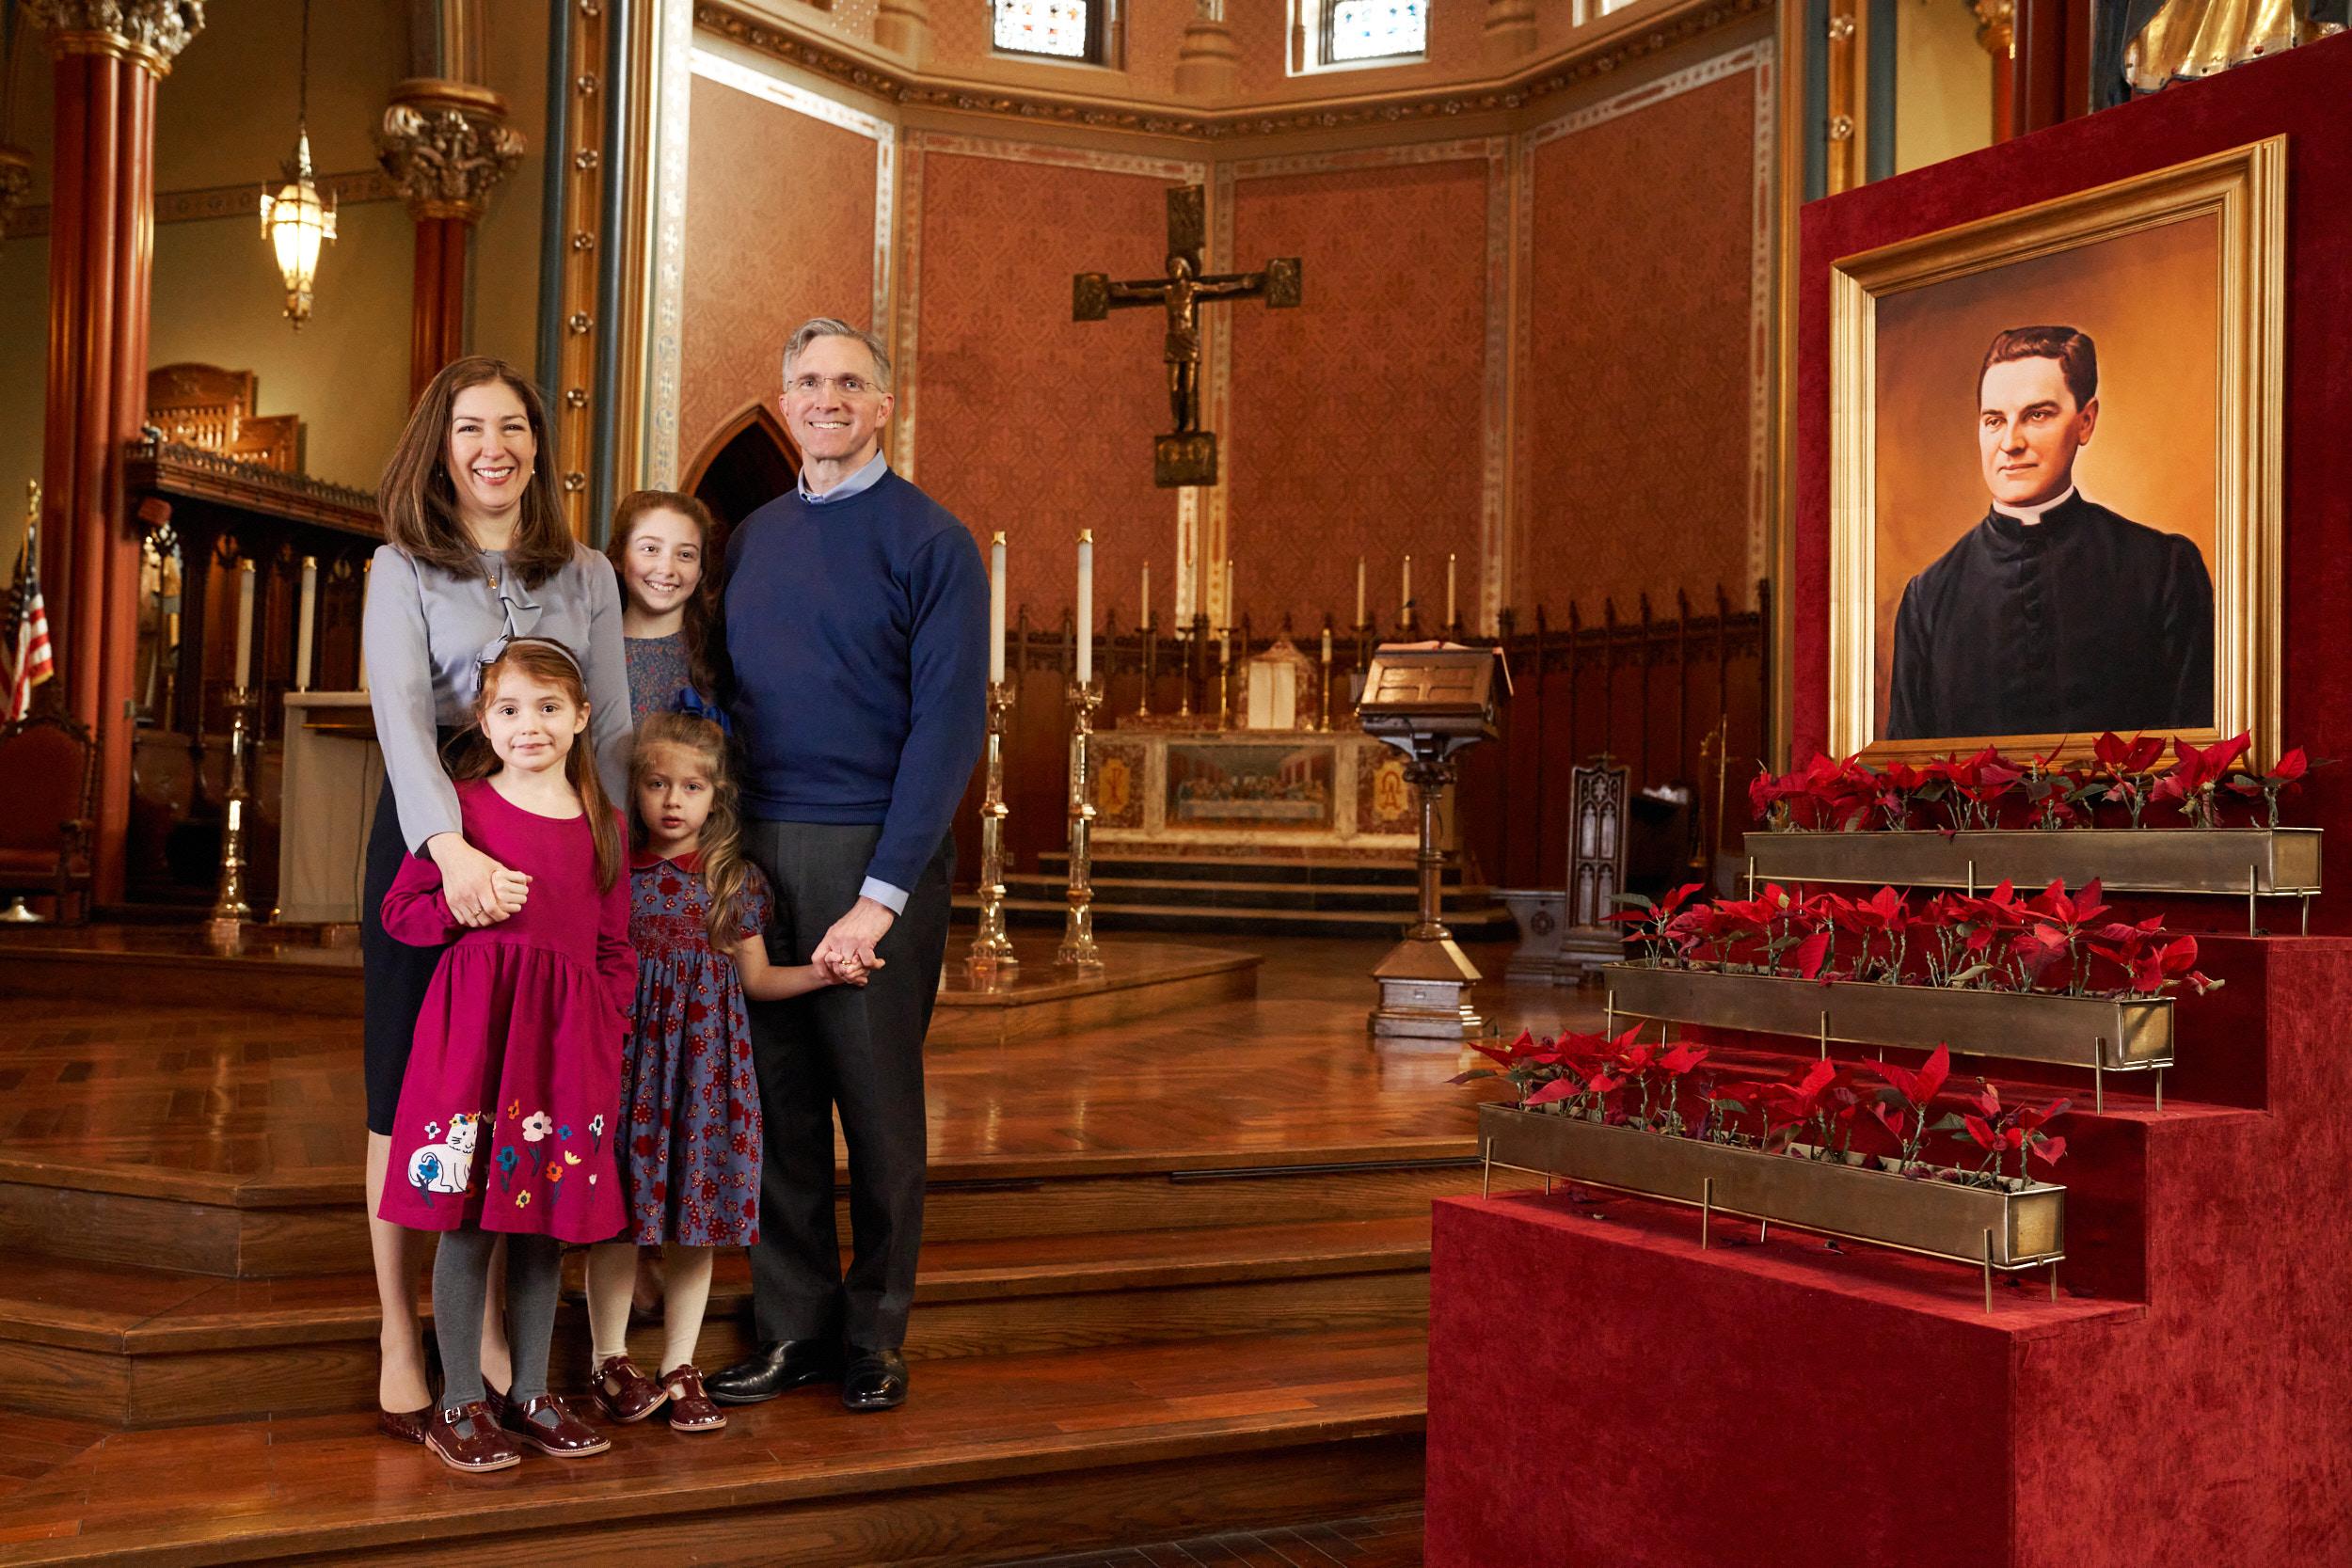 Patrick Kelly family K of C